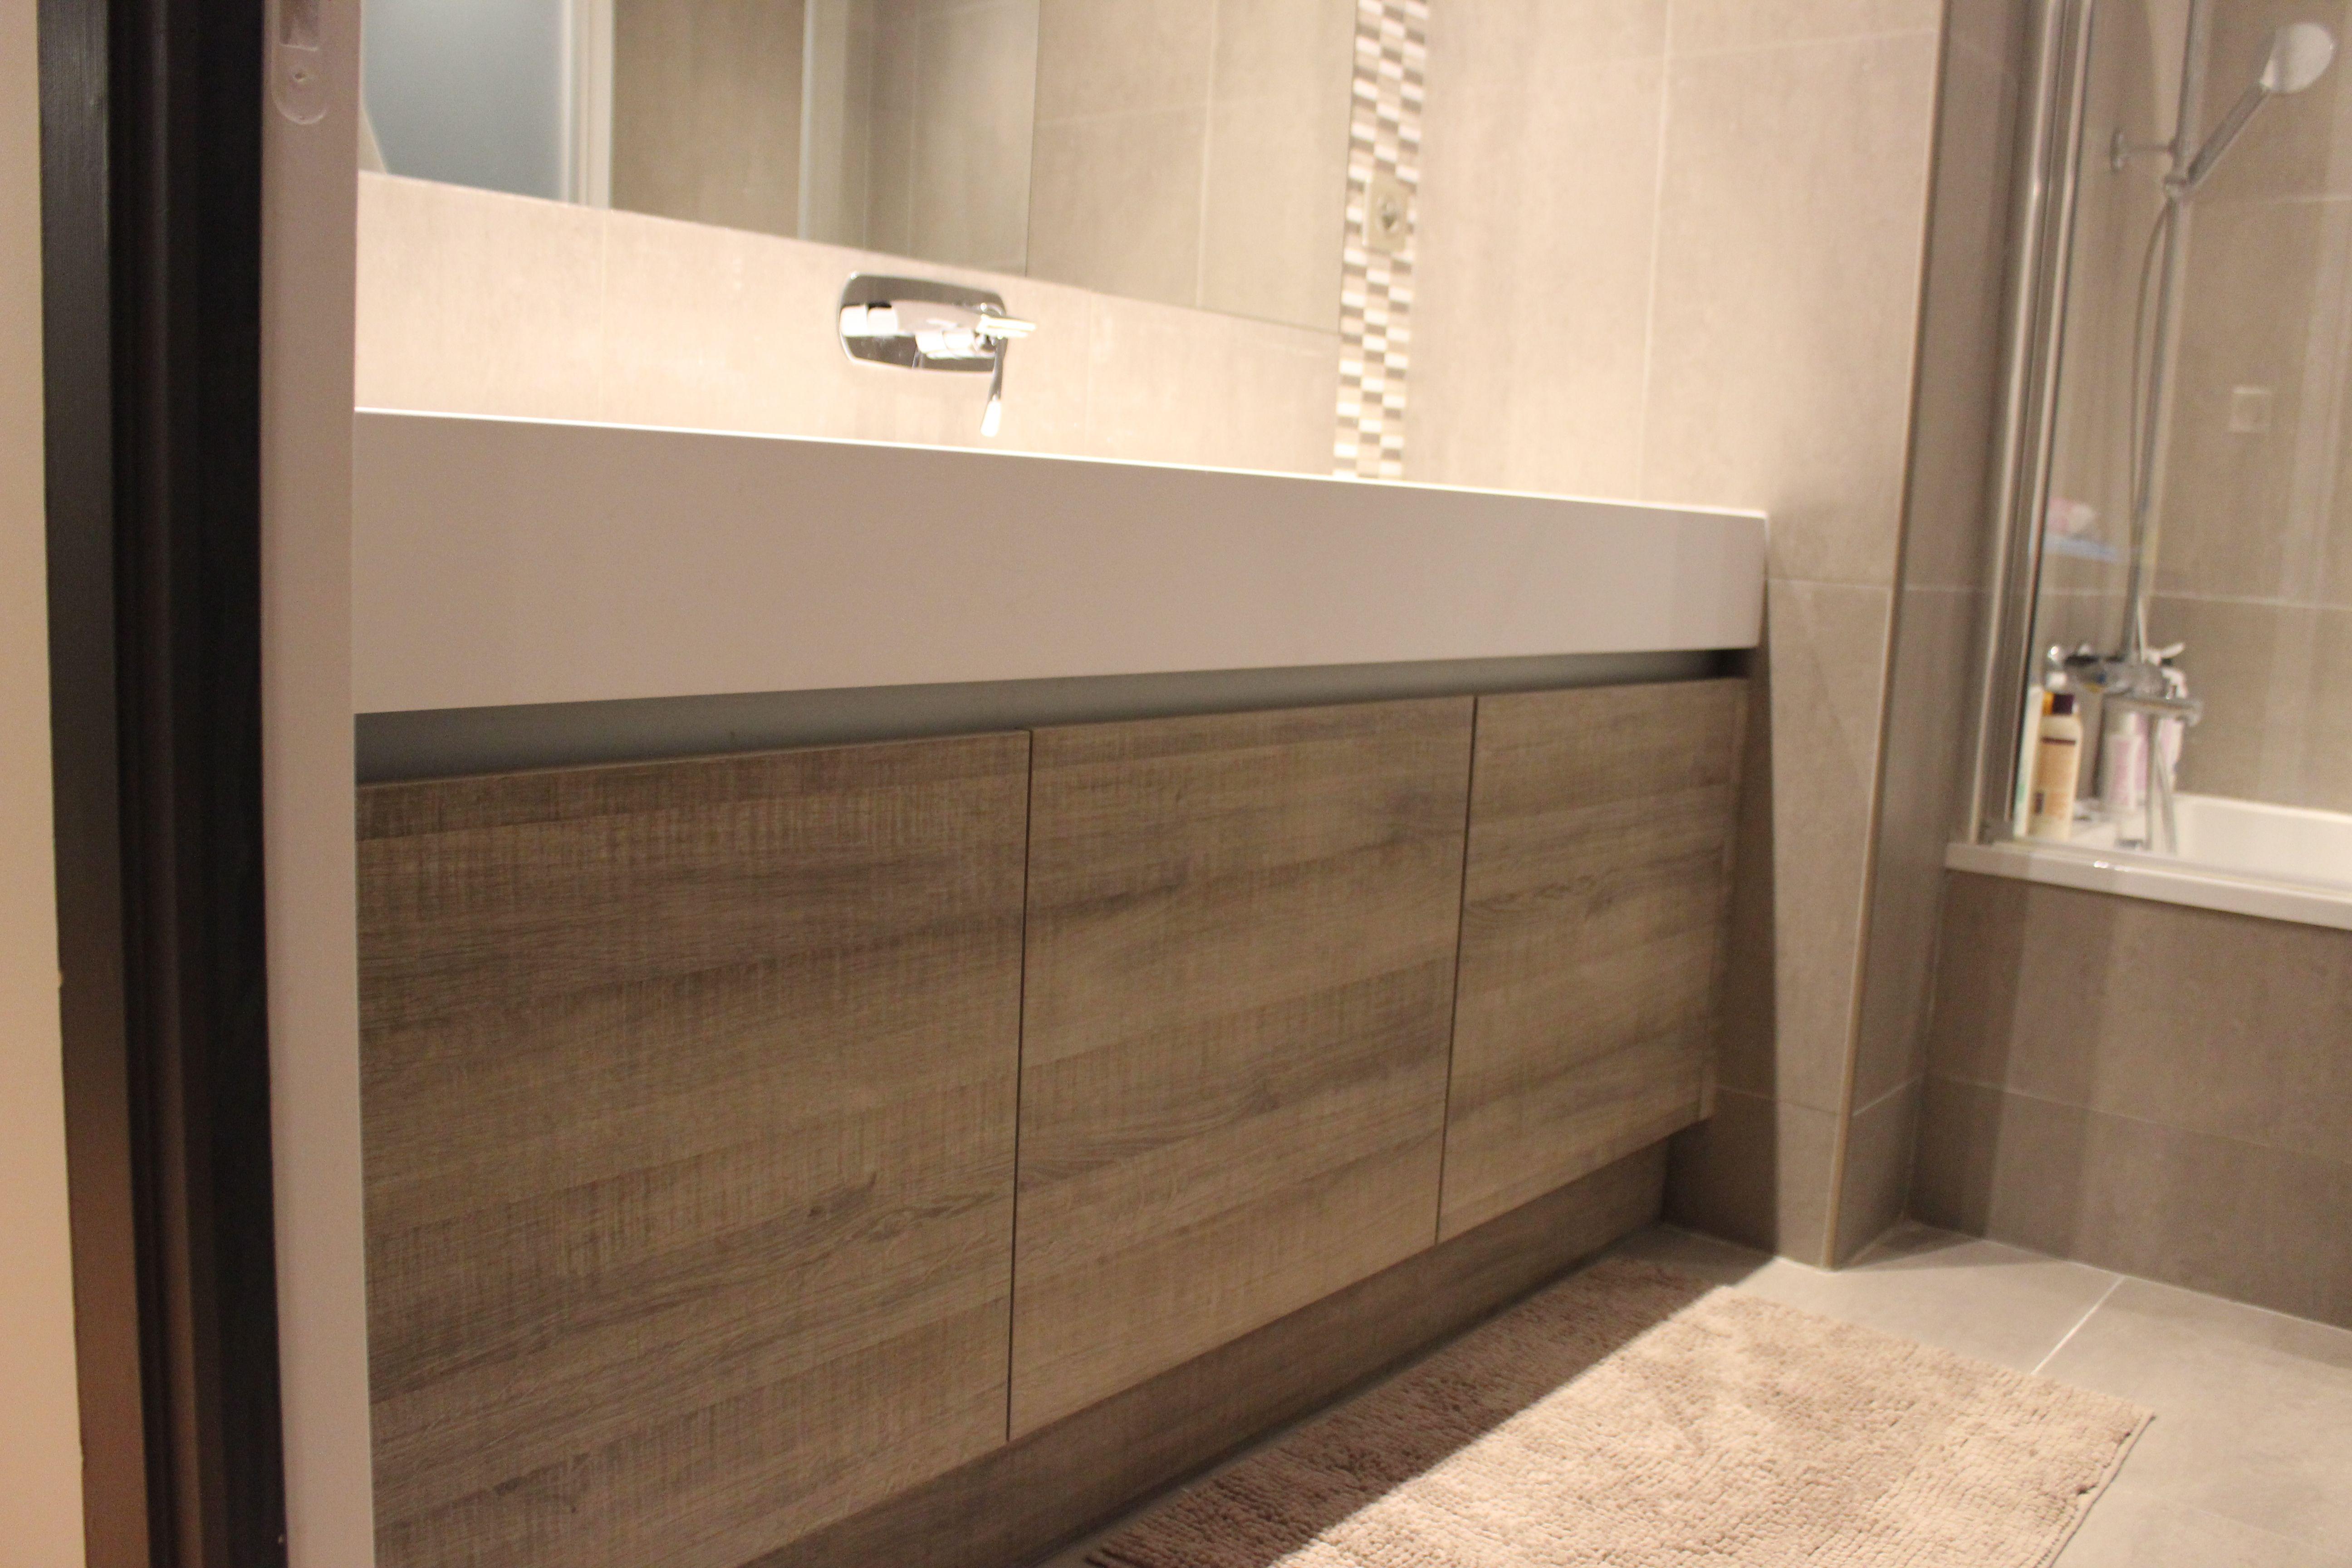 Meuble Corian Sur Mesure salle de bain en mélanine bois et vasque sur mesure en